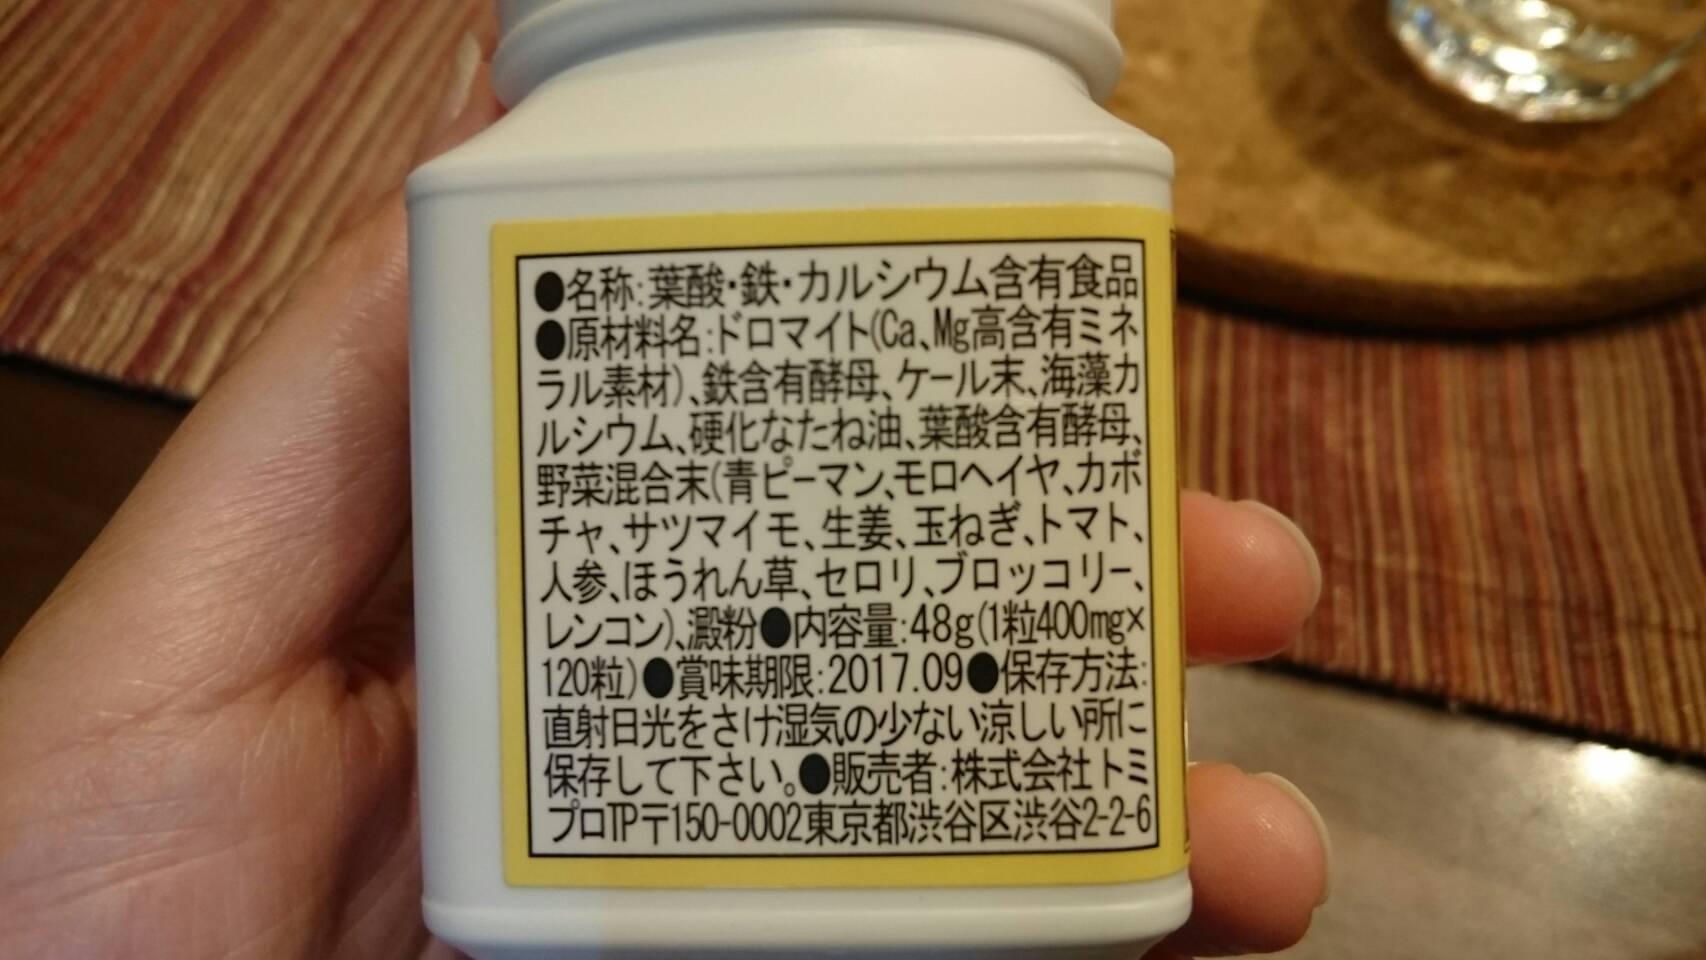 パティ葉酸サプリの原材料名